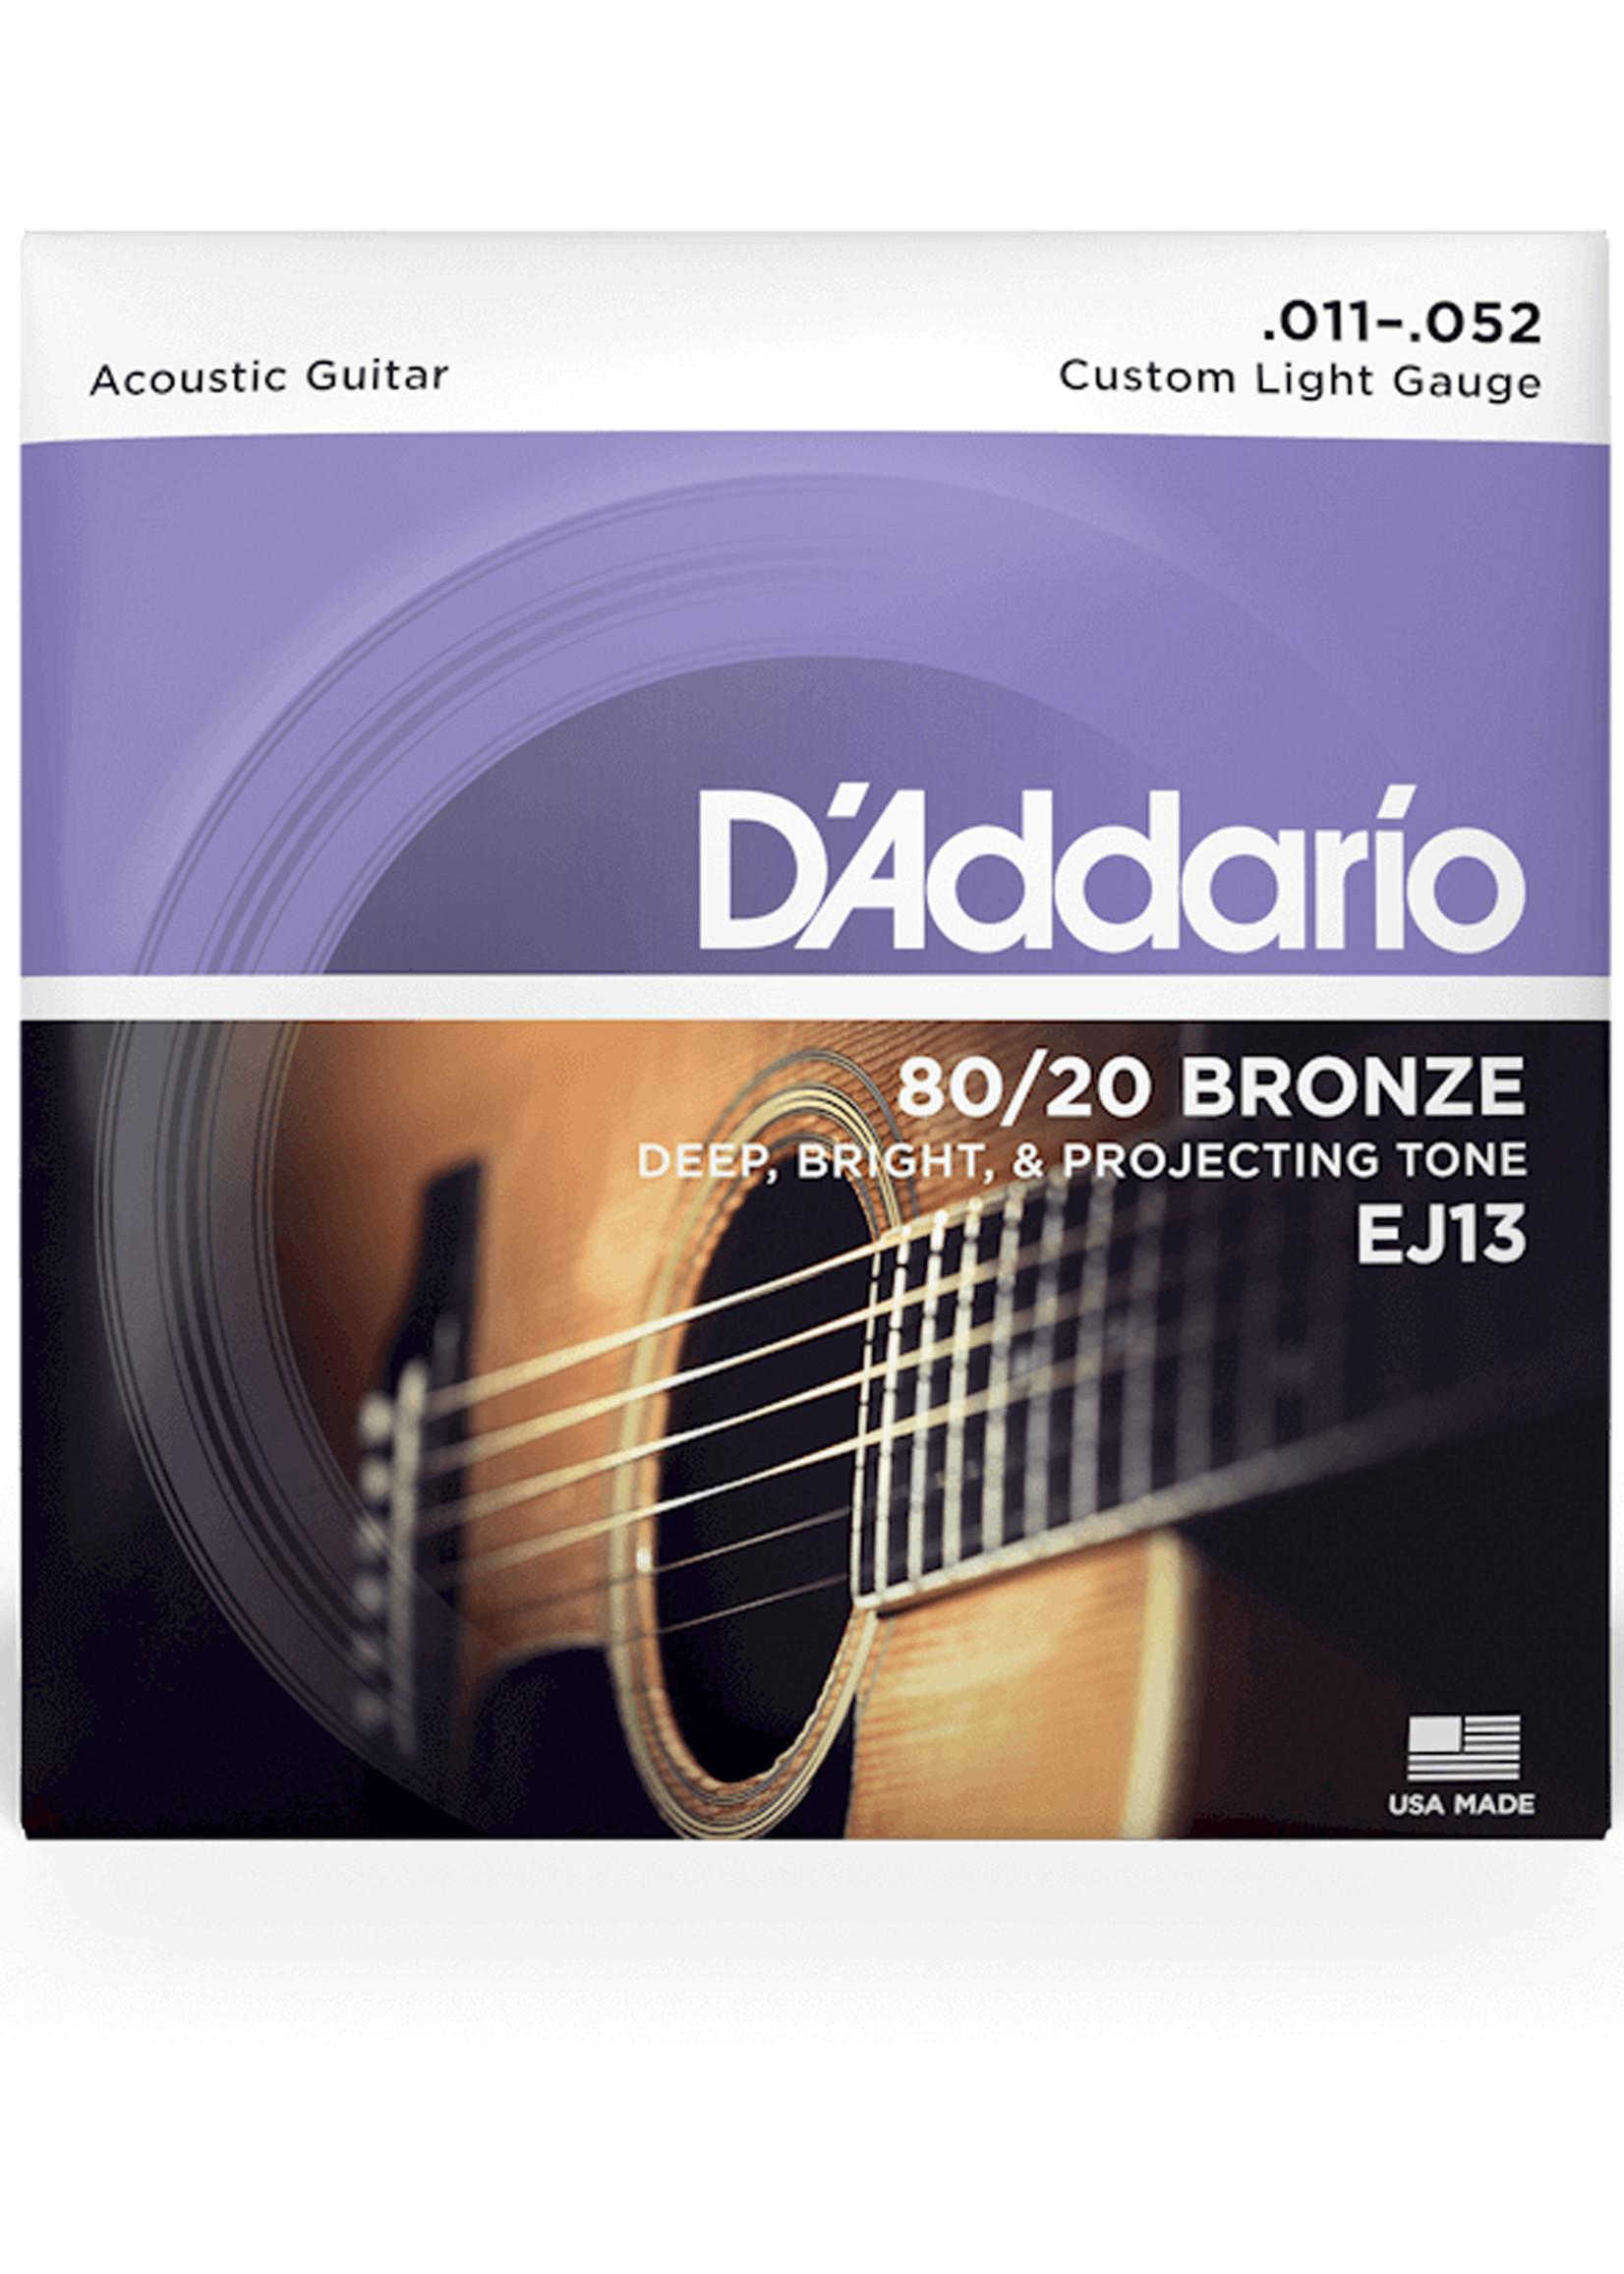 DAddario Fretted D'Addario EJ13 11-52 Custom Light